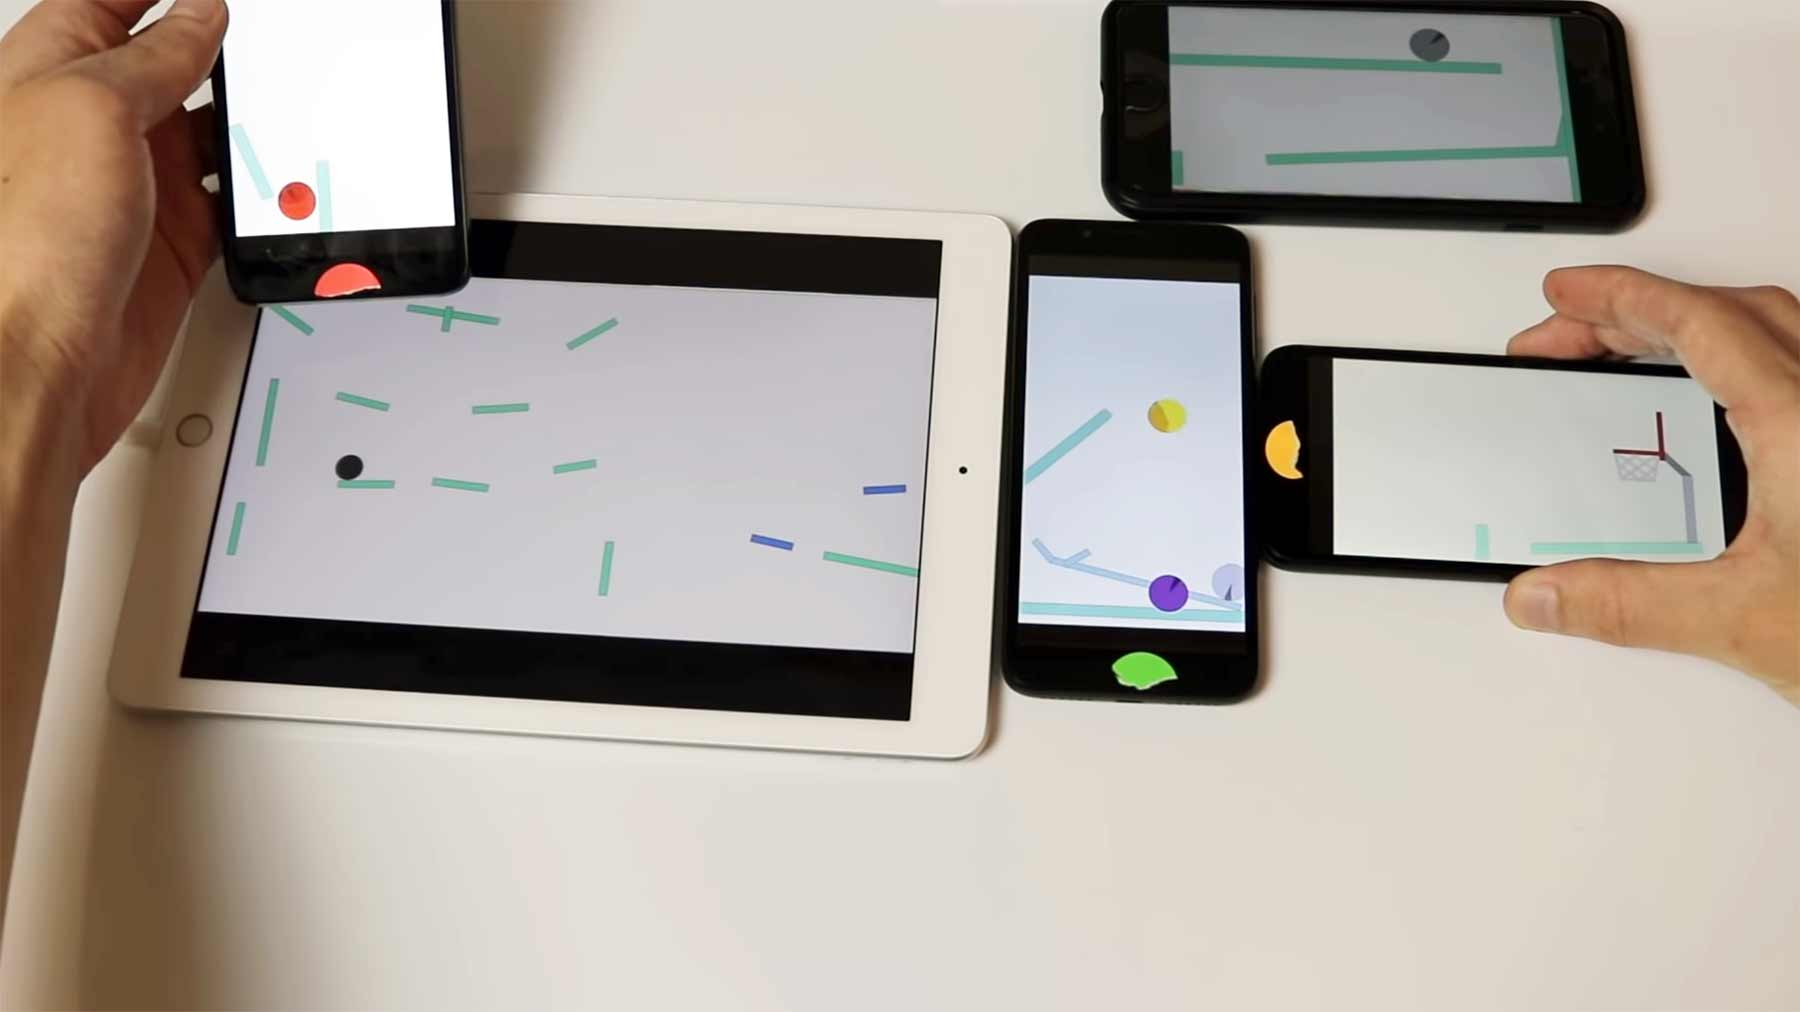 Murmel-Animation über mehrere Bildschirme hinweg bildschirm-animation-mehrere